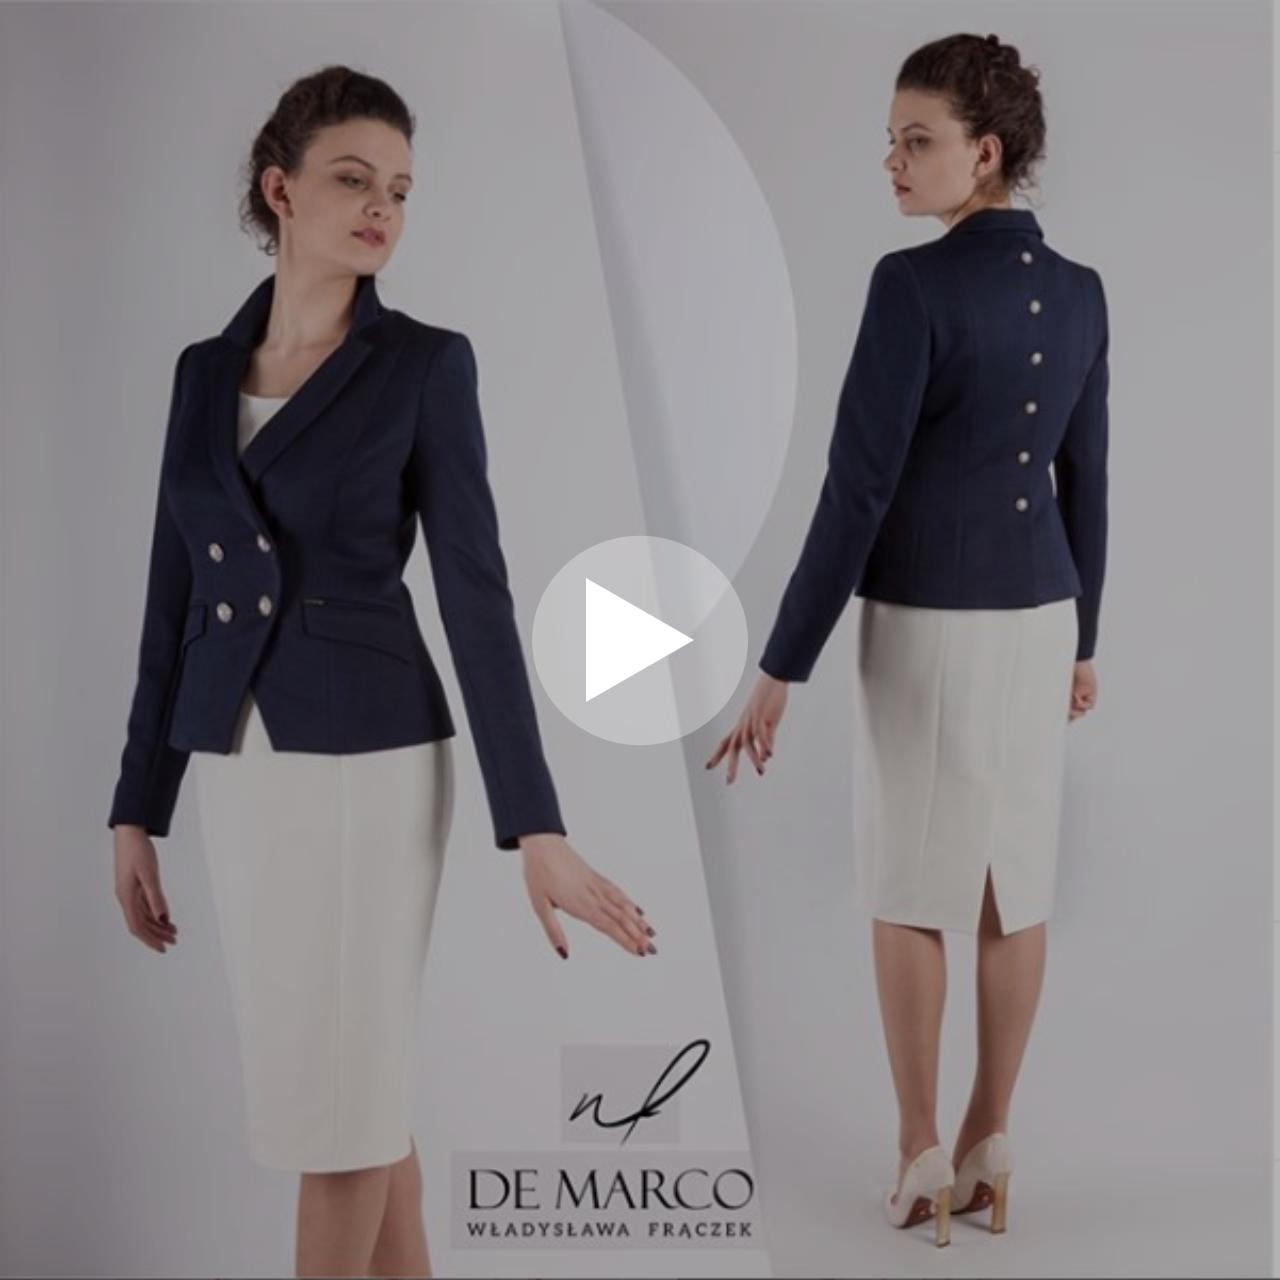 Wideo prezentacja ekskluzywnych żakietów i sukienki szytych na miarę w De Marco.